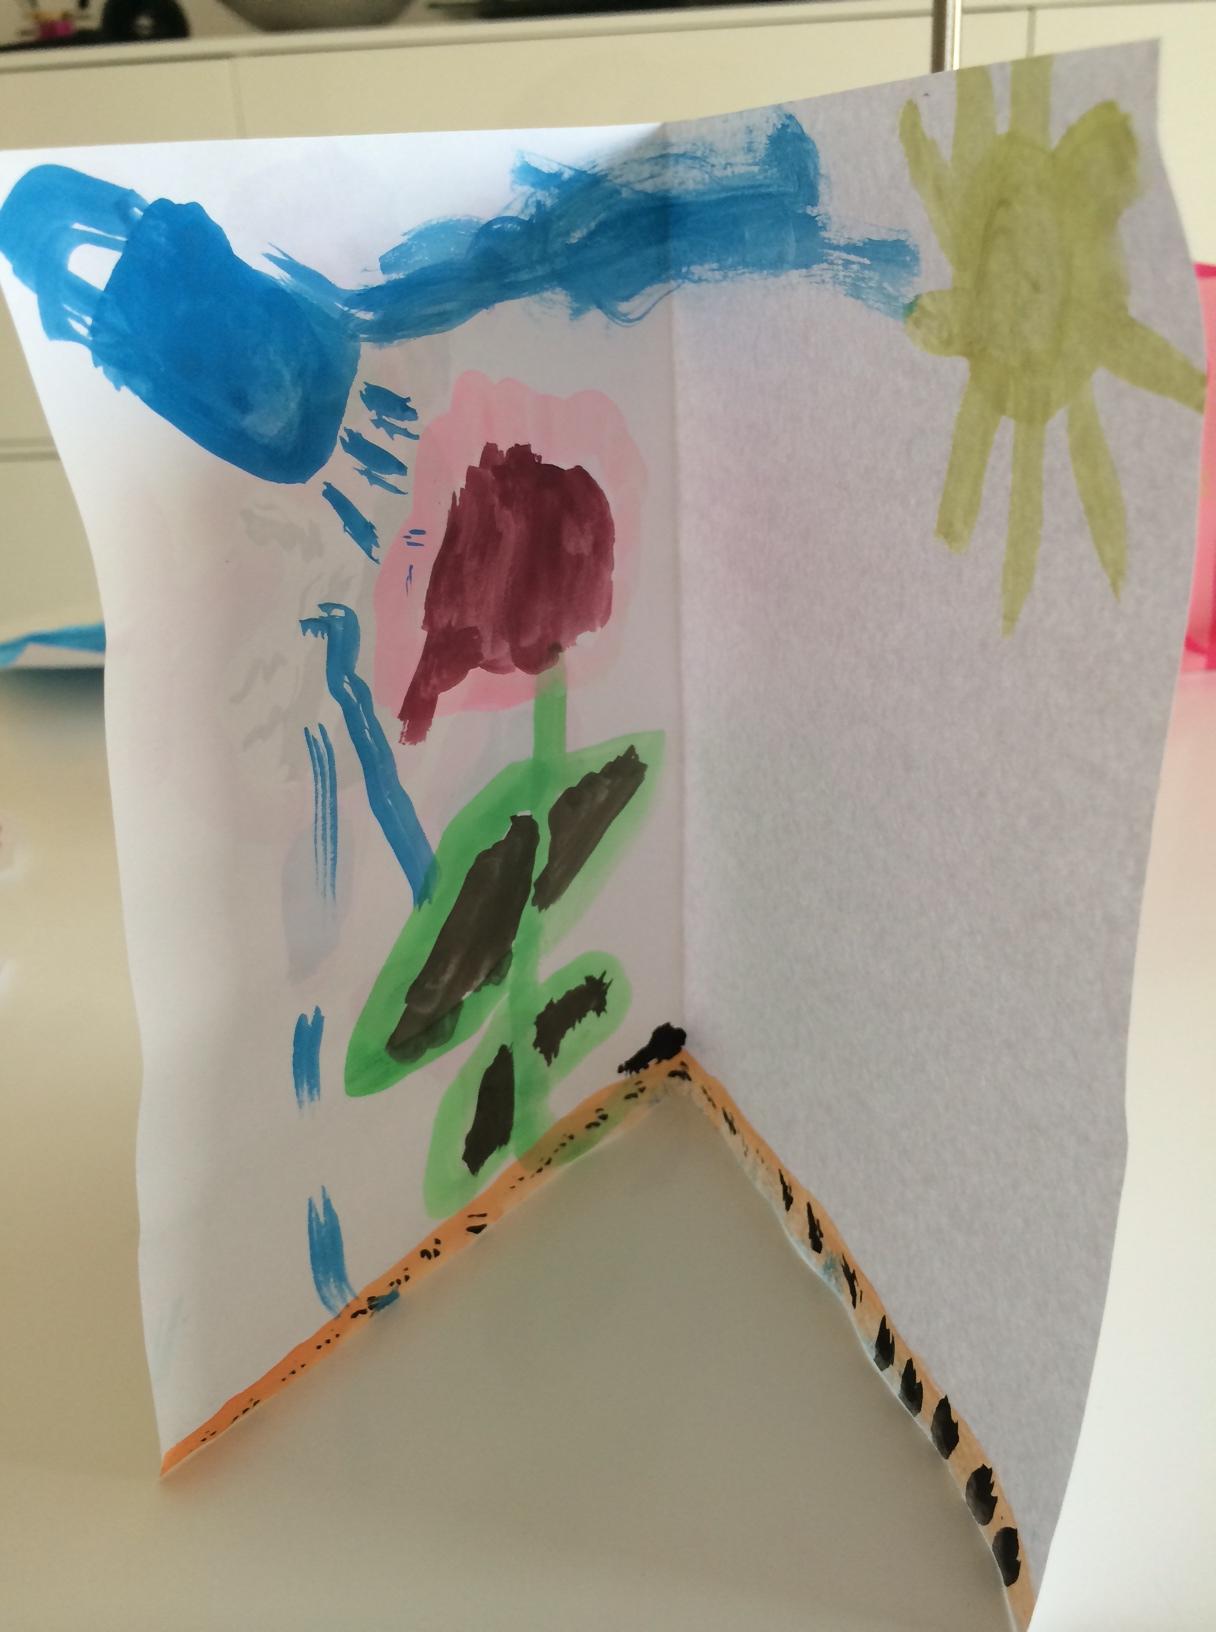 Cilles fødselsdagskort til mig - med blomster, der både need'er rain and sunshine, som hun siger